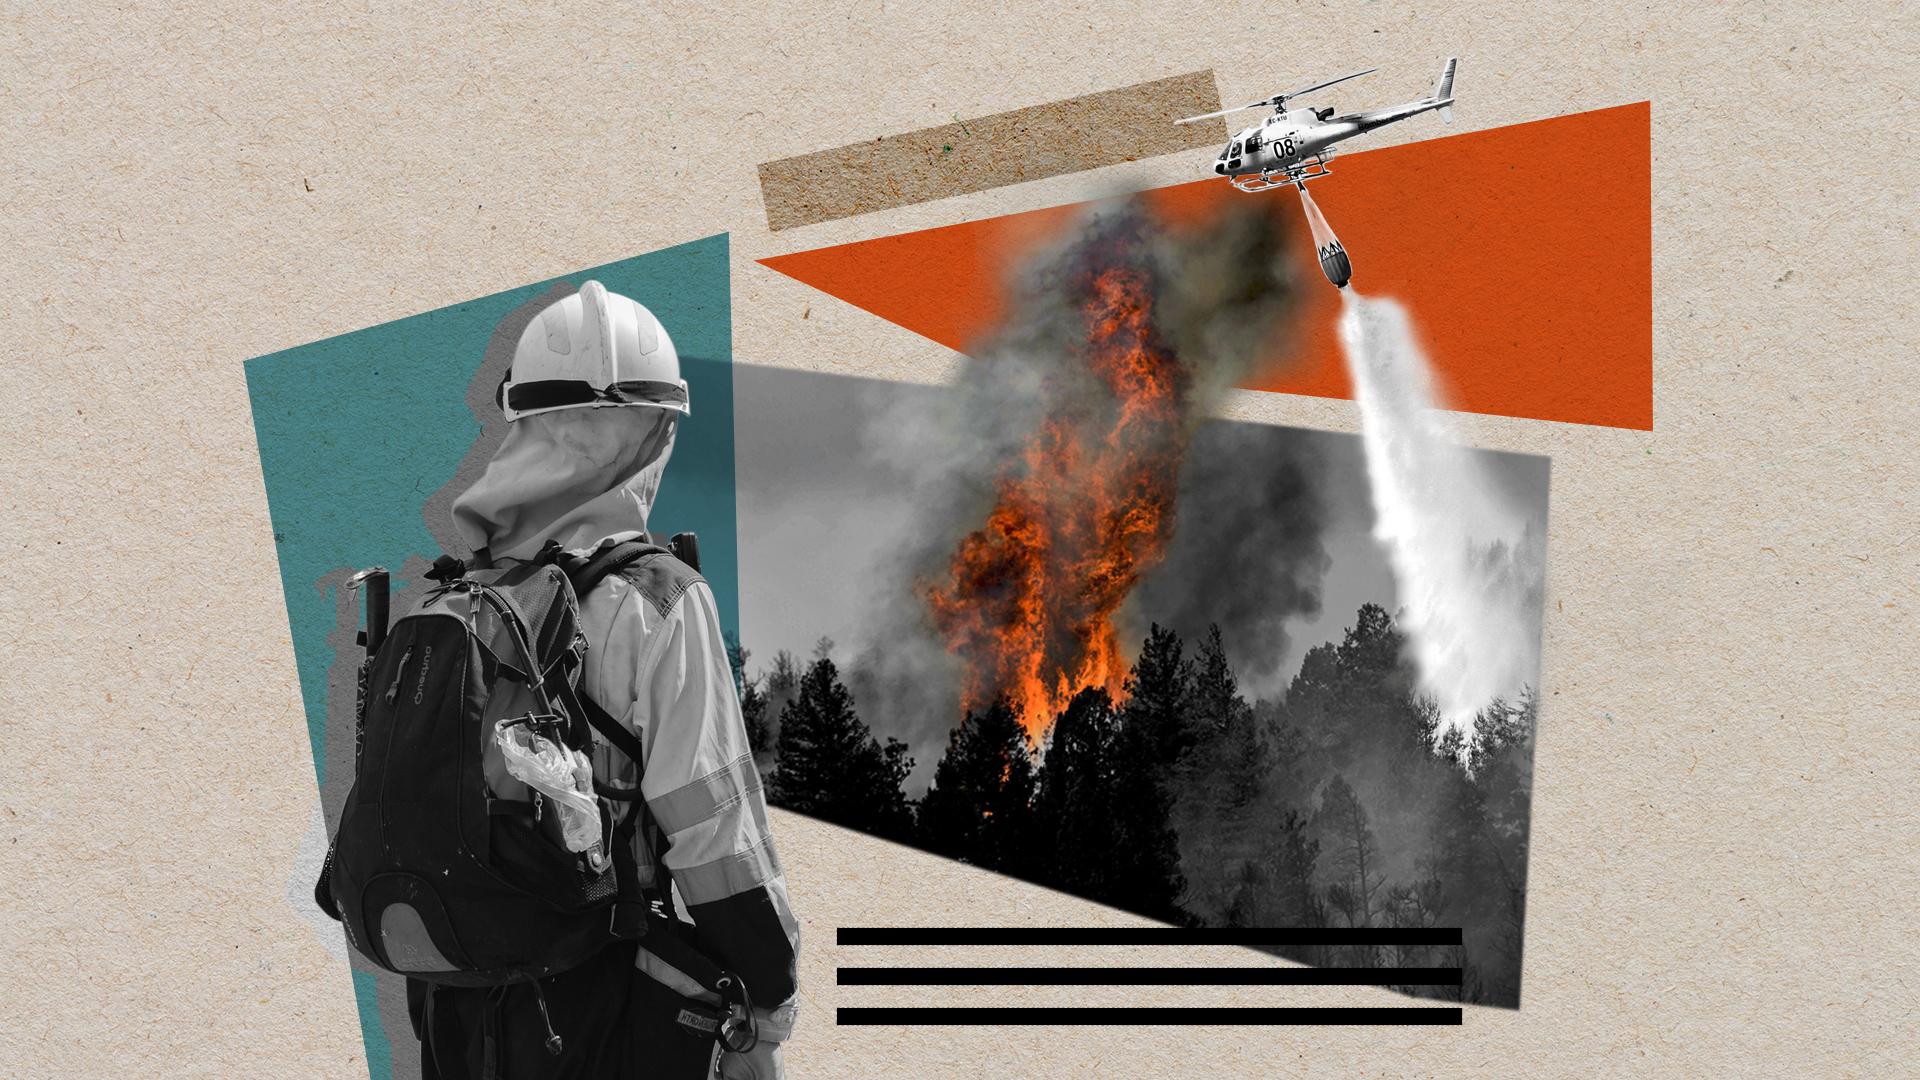 Cómo podemos prevenir incendios más grandes y devastadores